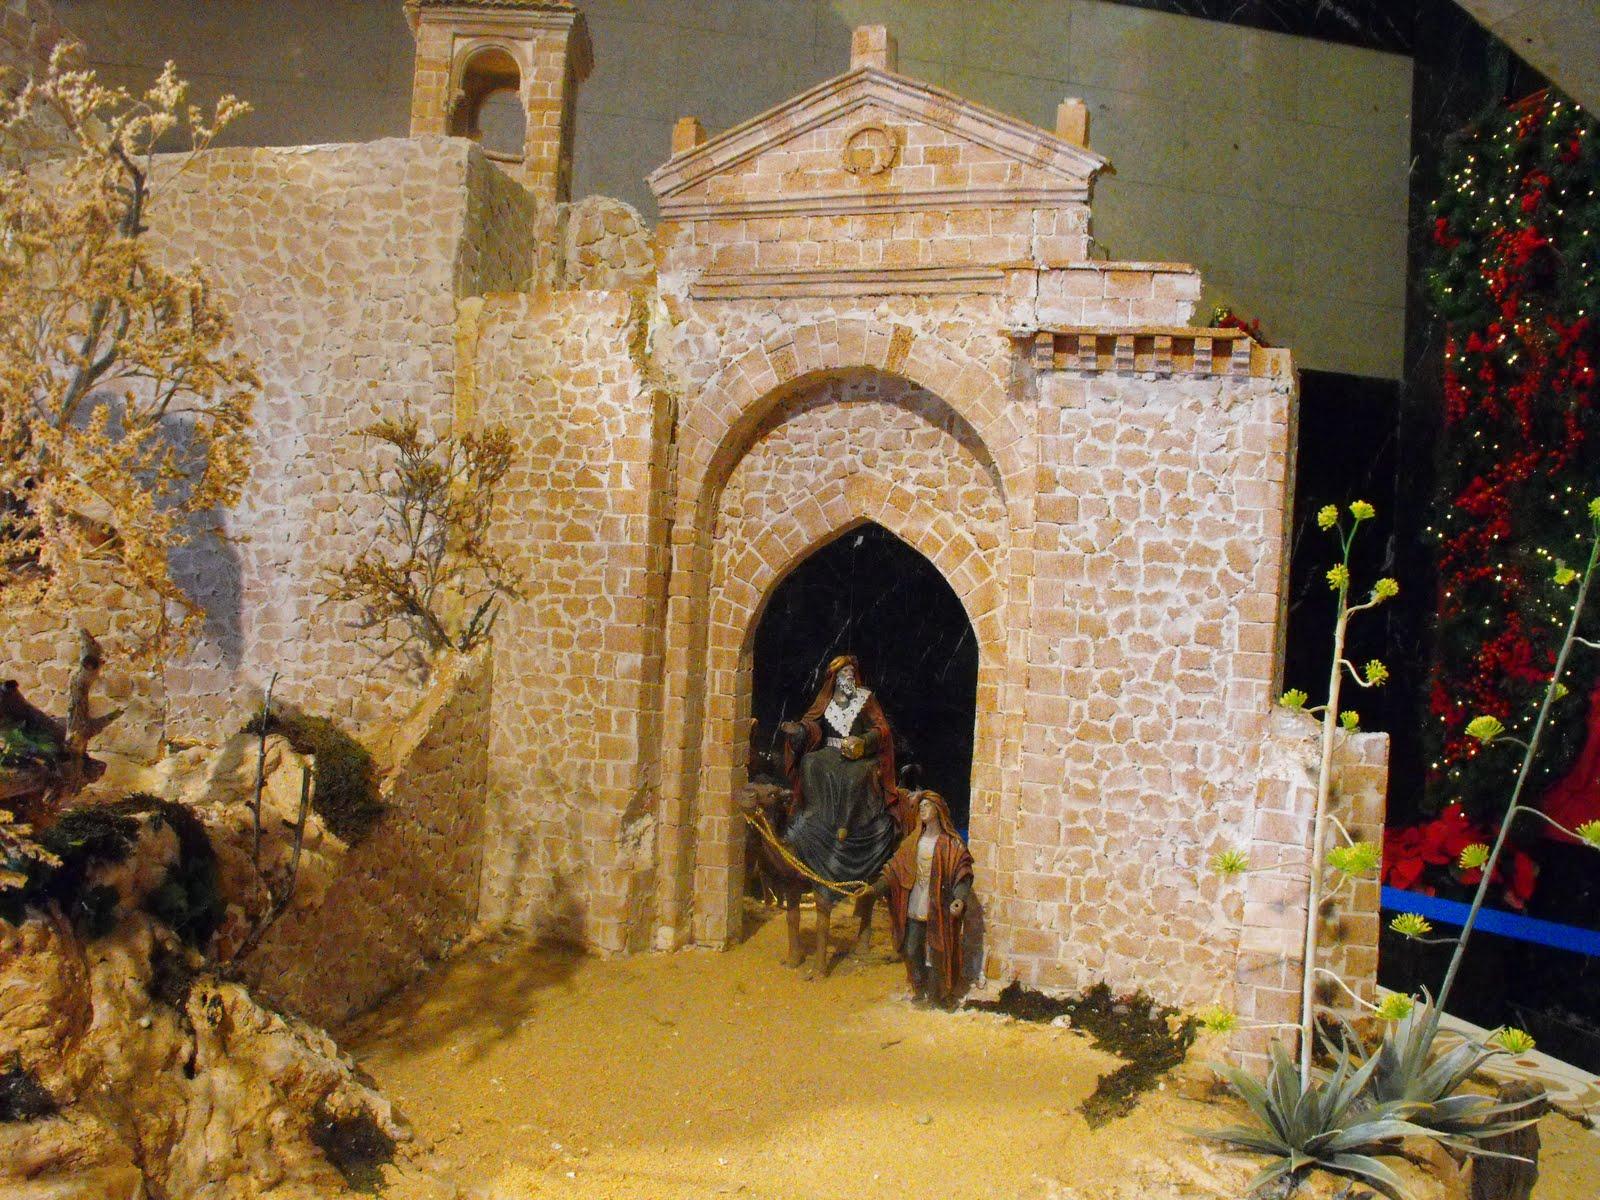 D cil portal de bel n cabildo de tenerife 2010 - Portal de belen pinypon ...